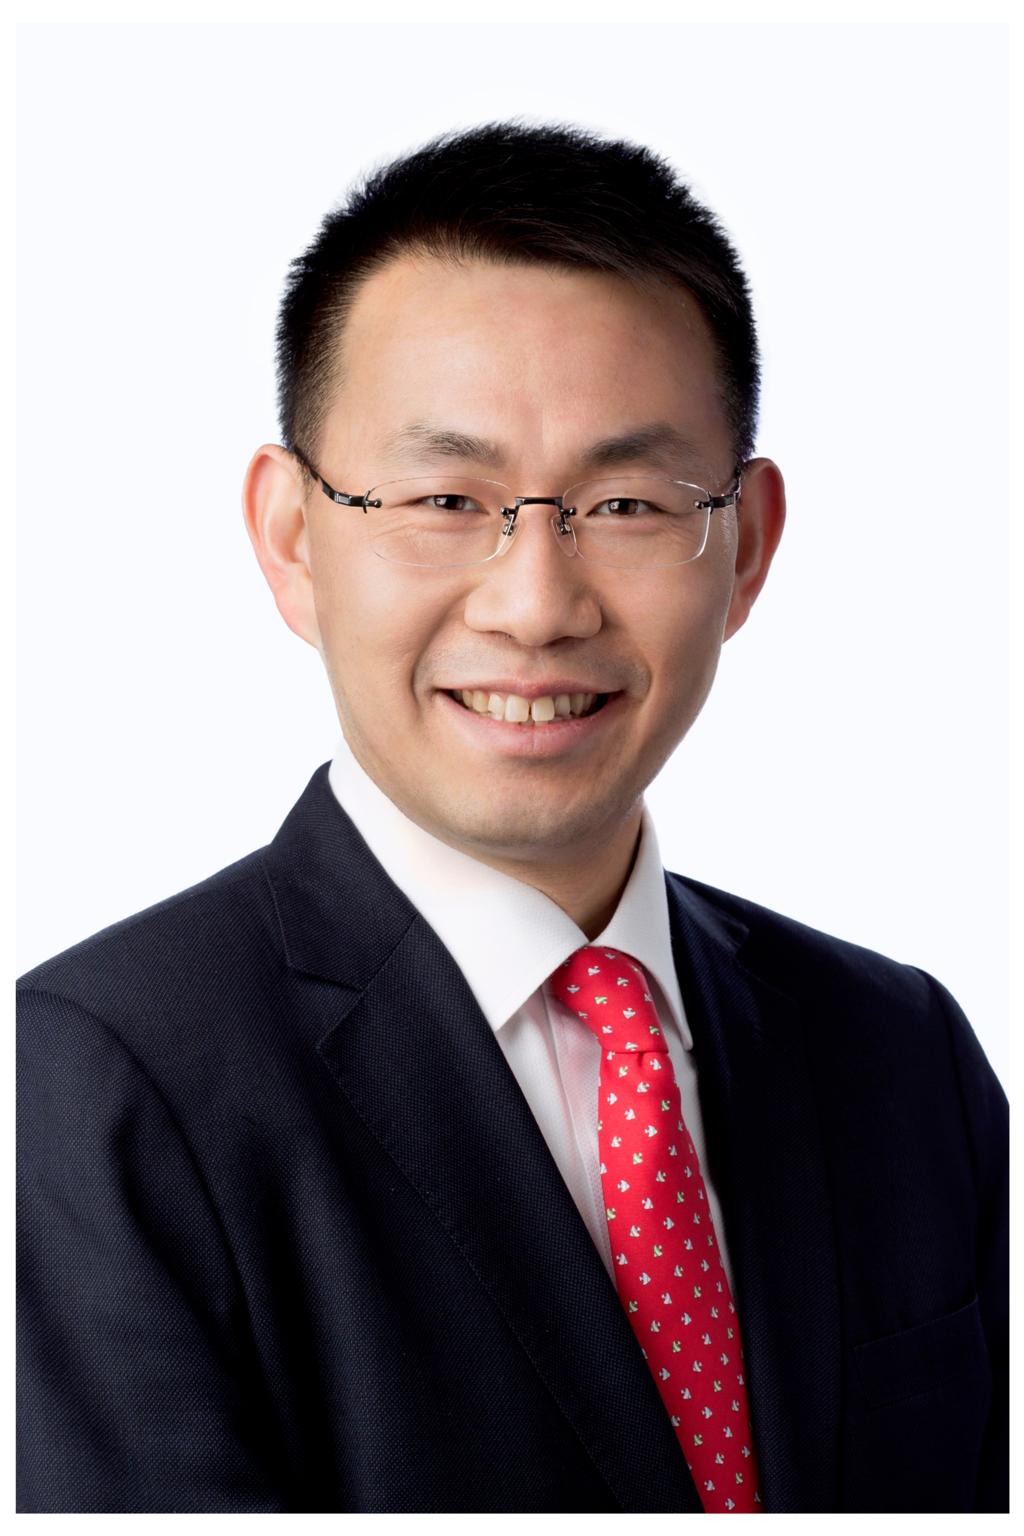 Wilson Kwong